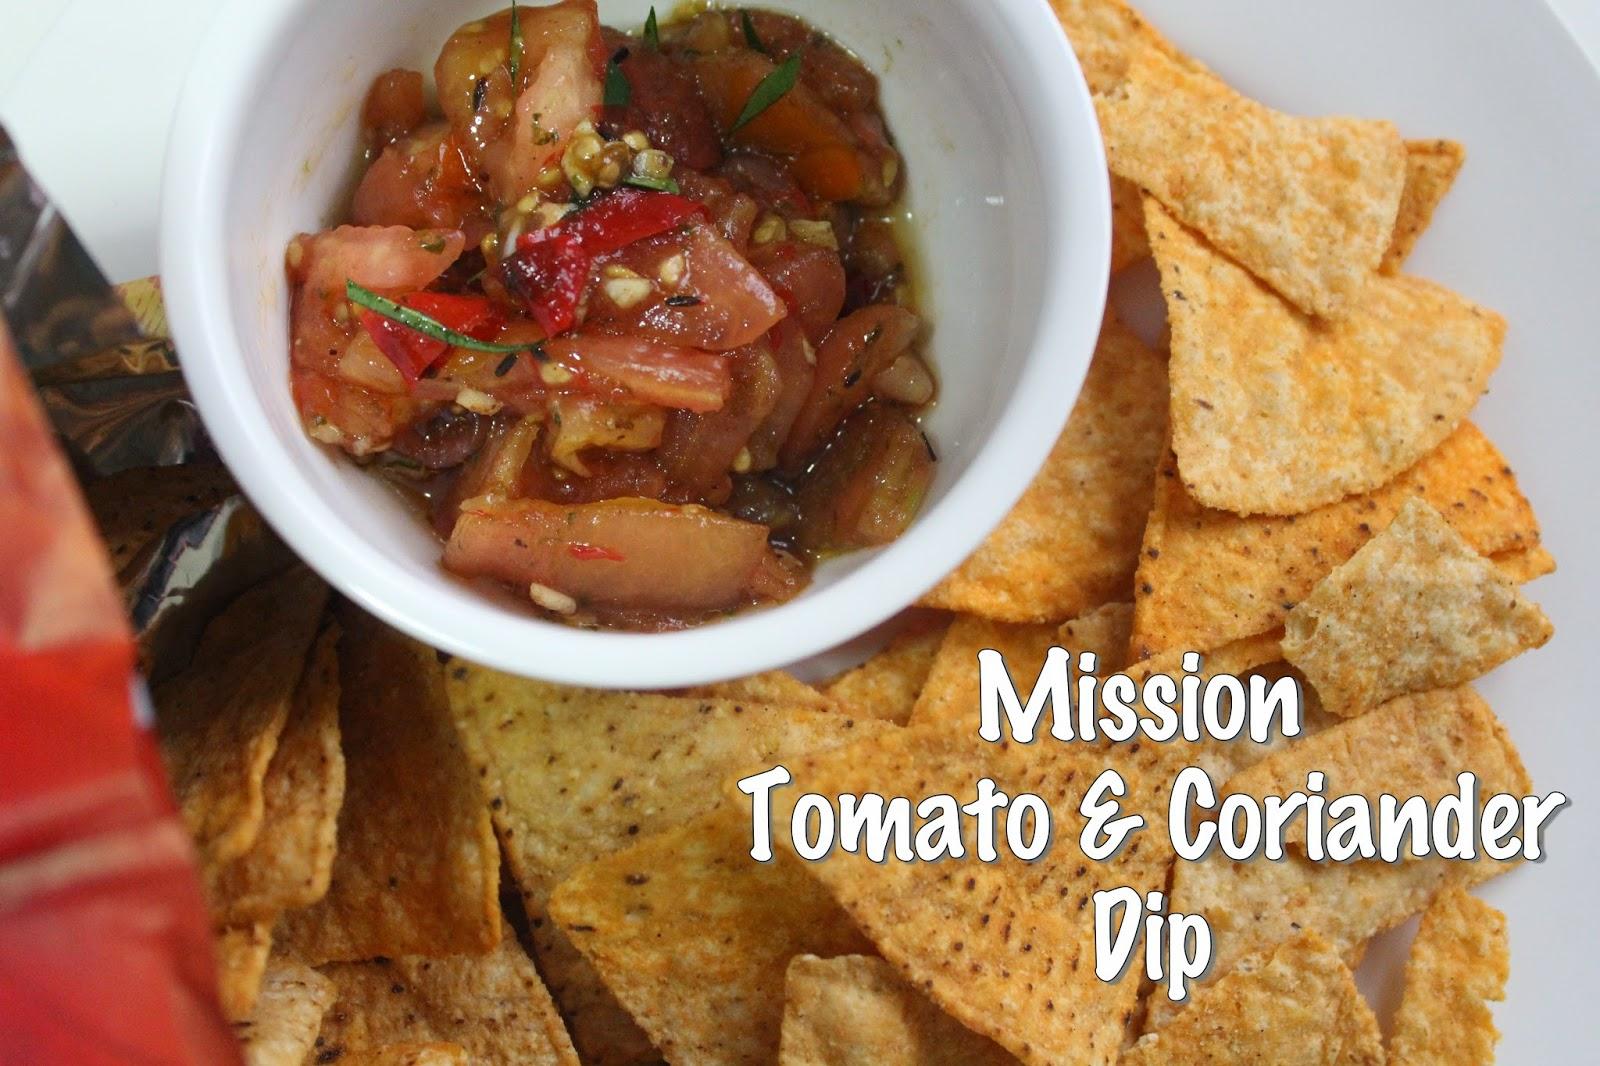 Tomato and coriander dip